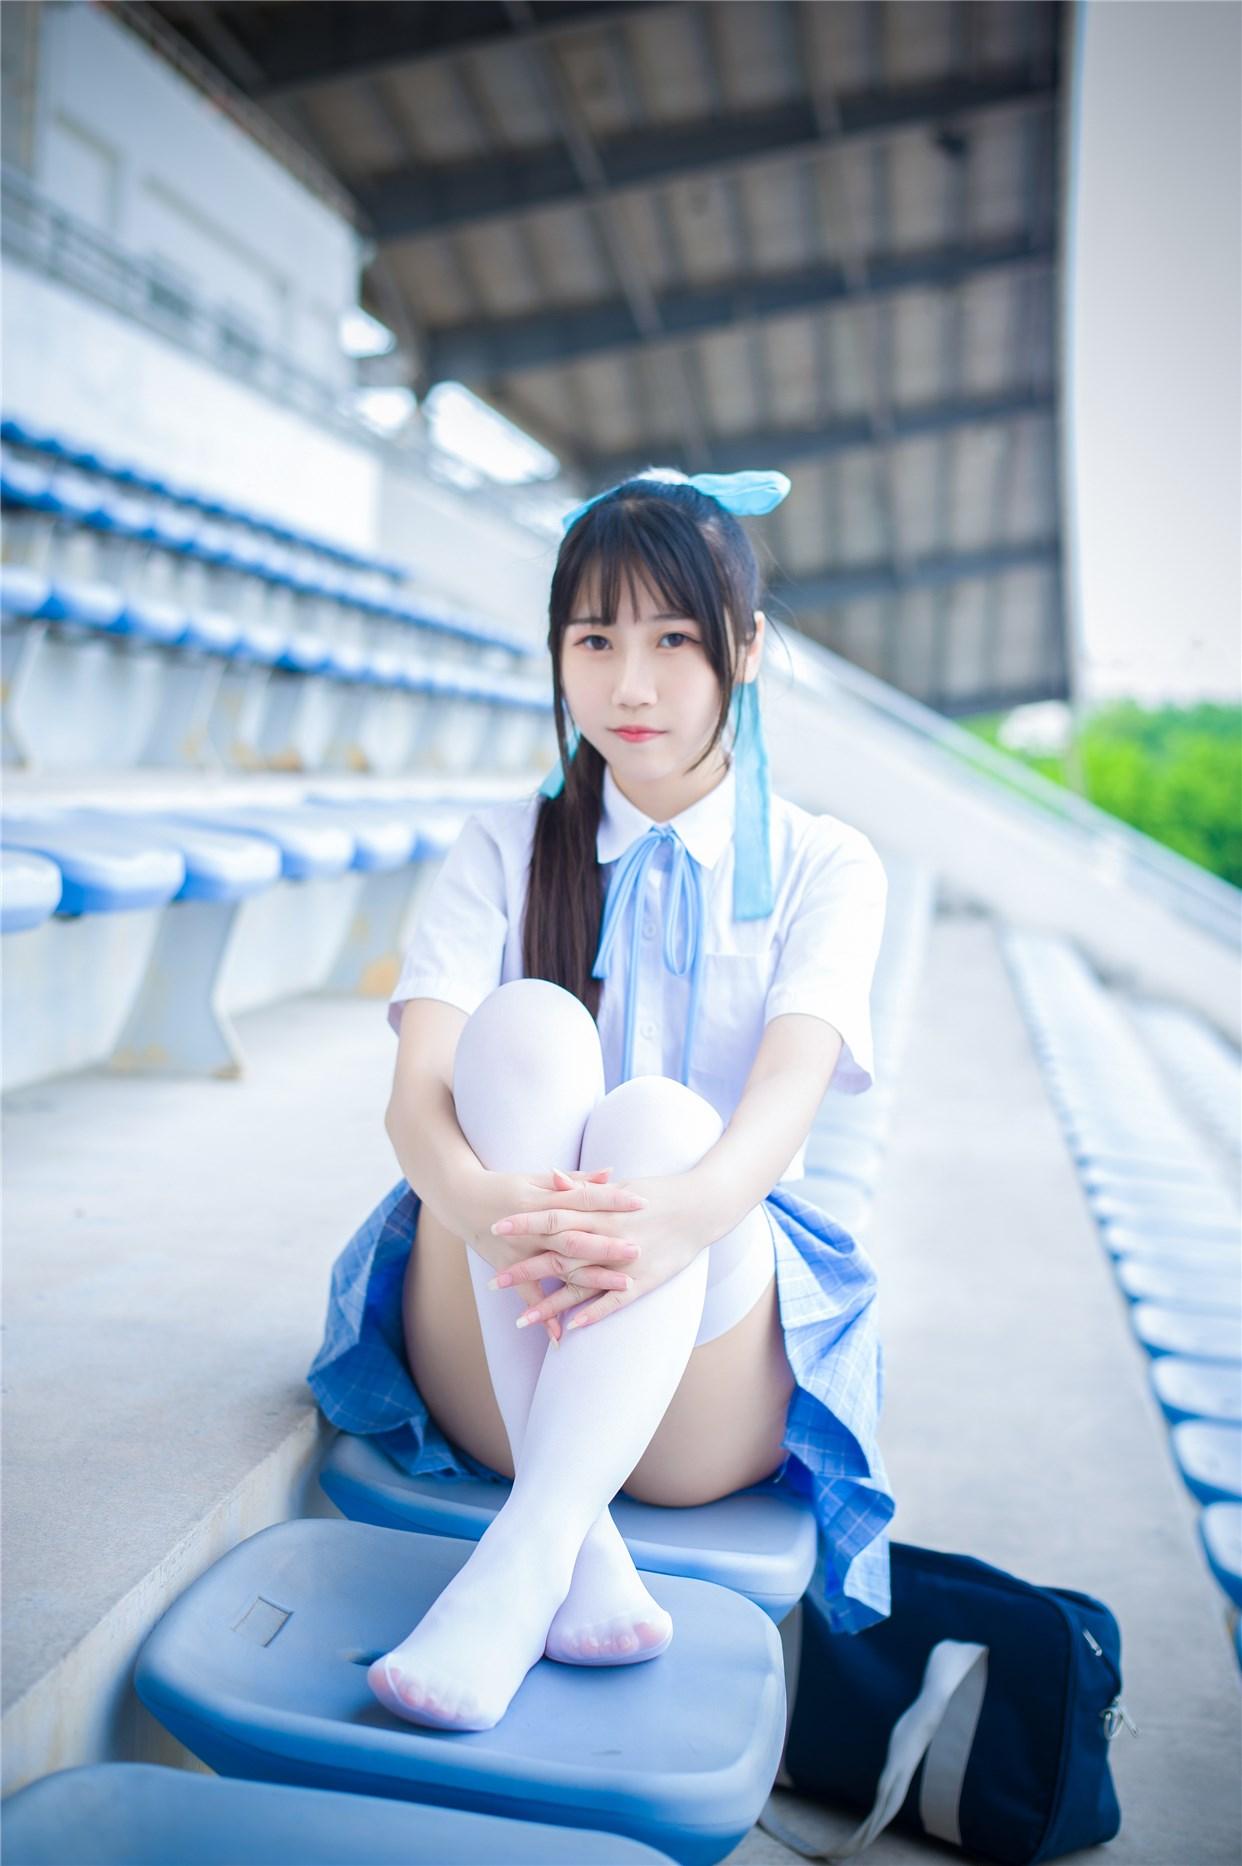 【兔玩映画】超清新的JK少女 兔玩映画 第31张